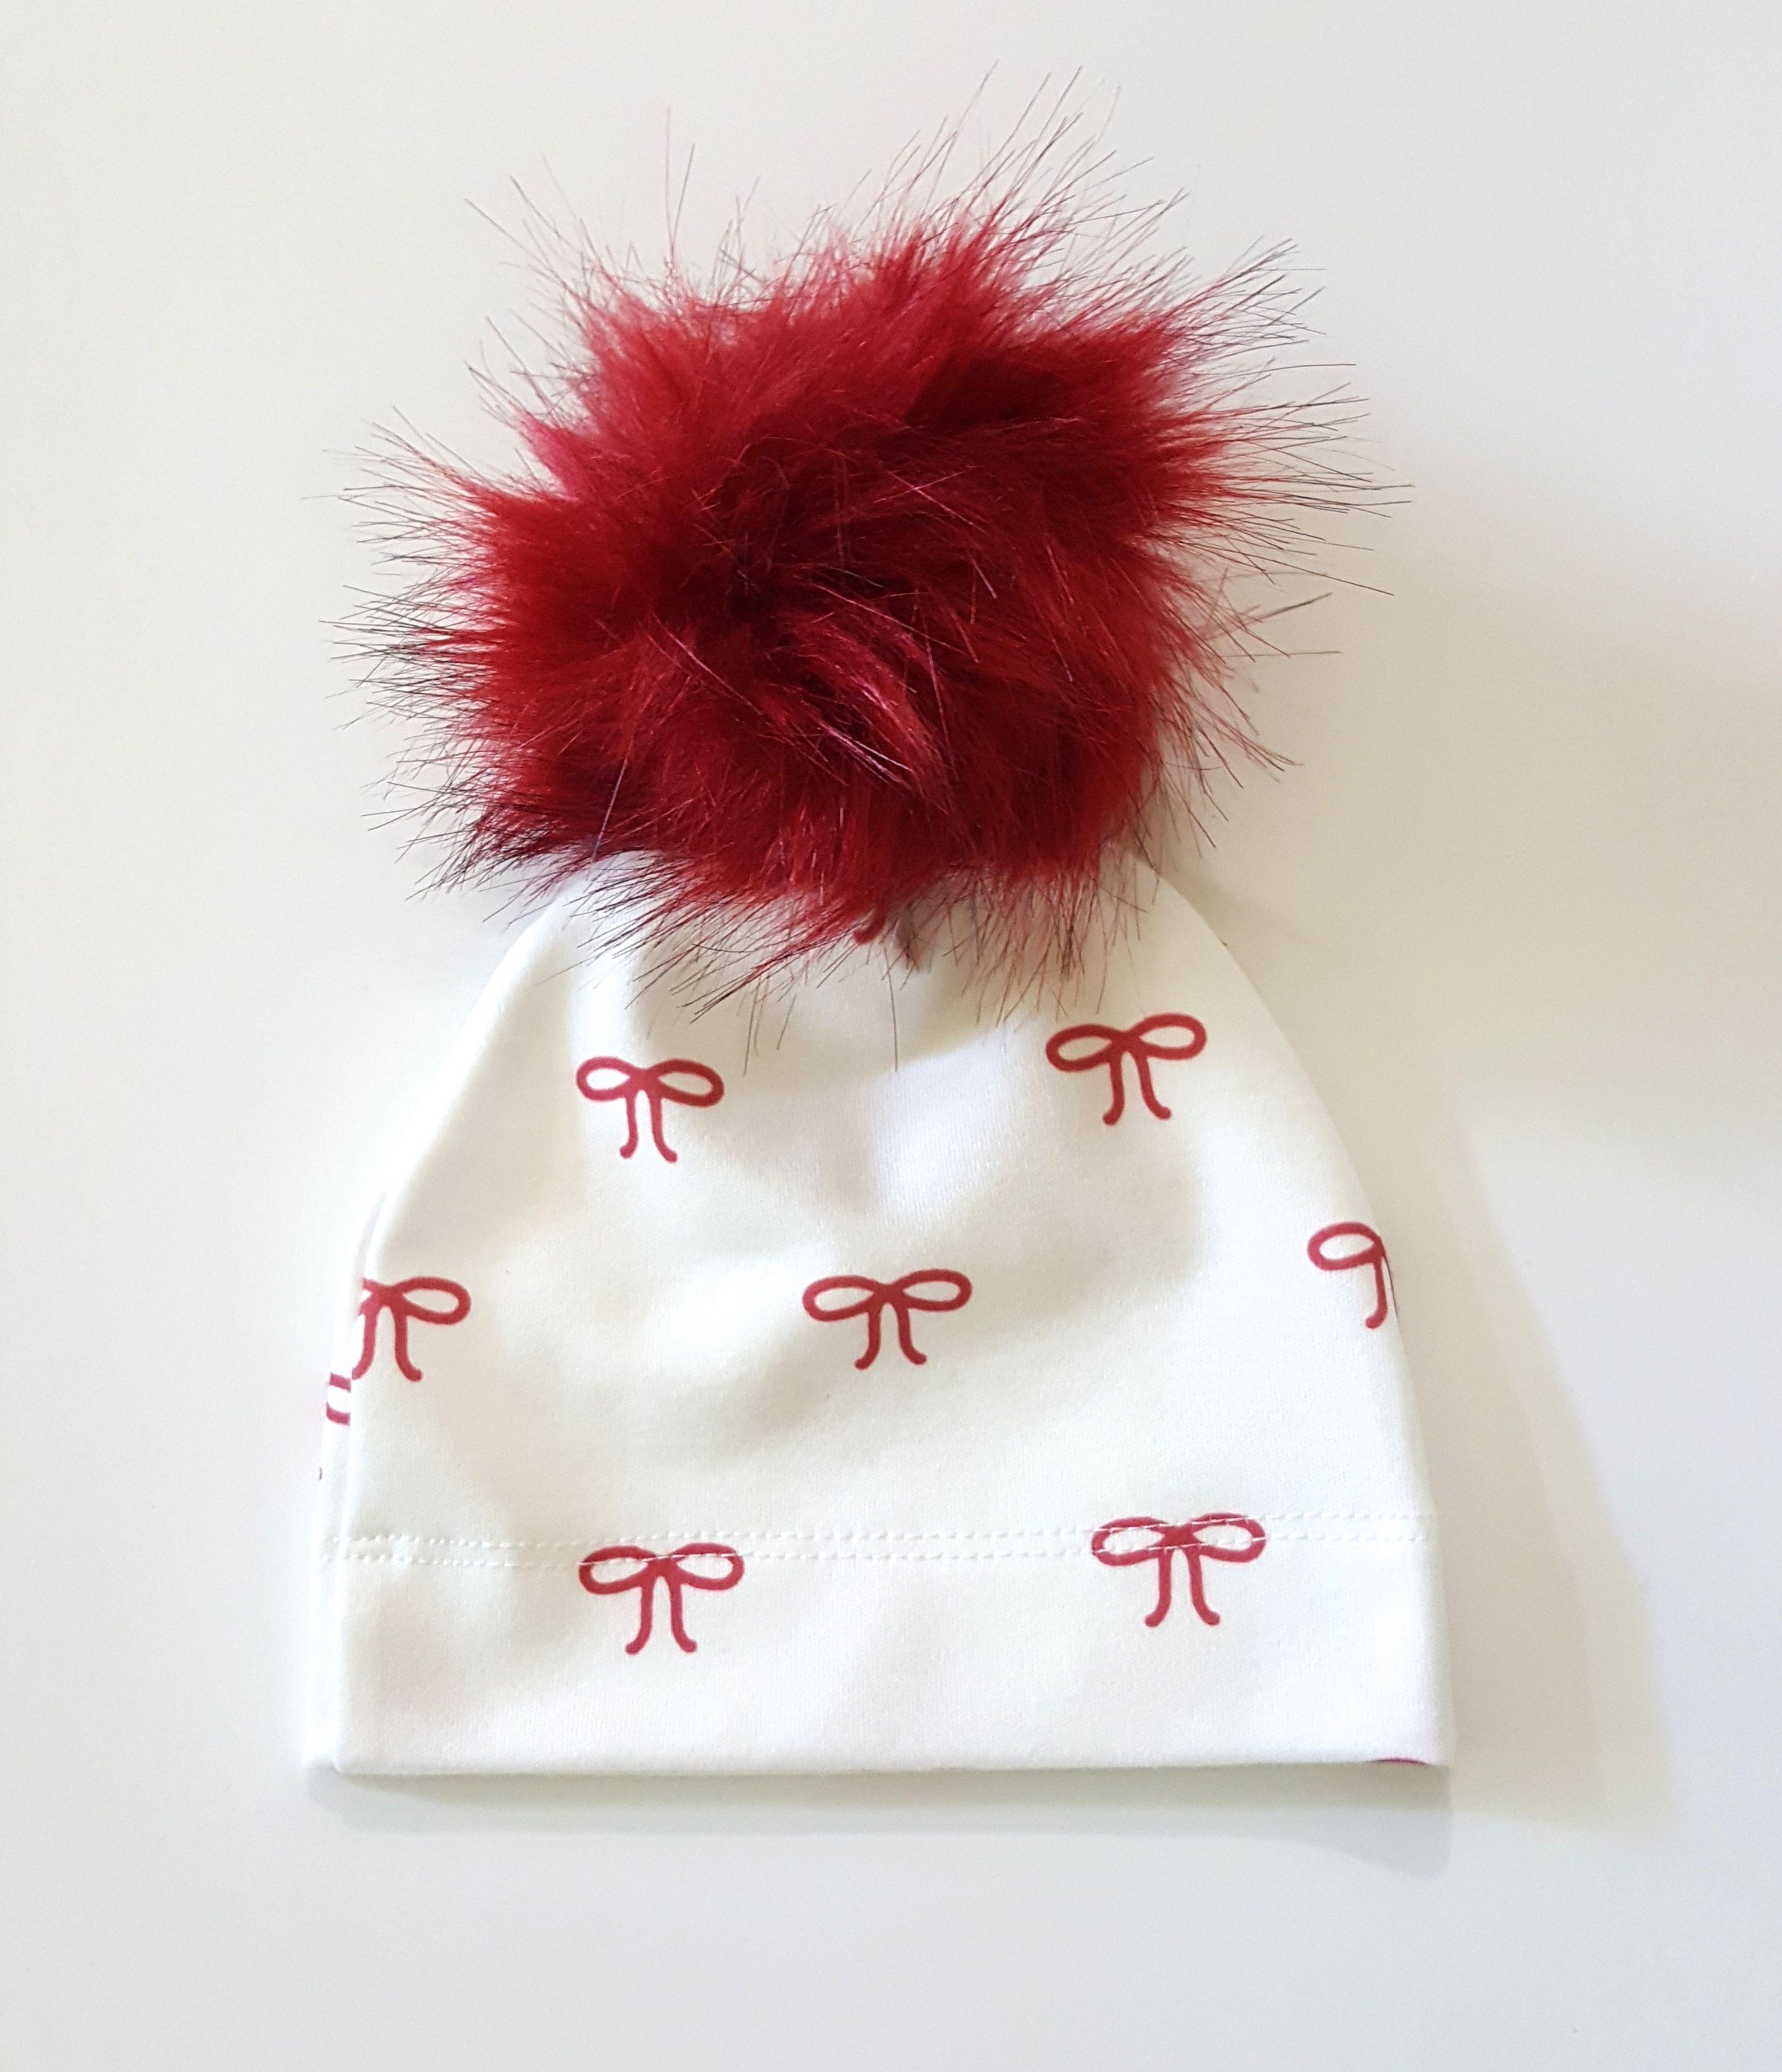 fur hat baby baby girl pom pom hat snap pom hat organic baby beanie with pom baby hat with pom pom pom pom baby hat